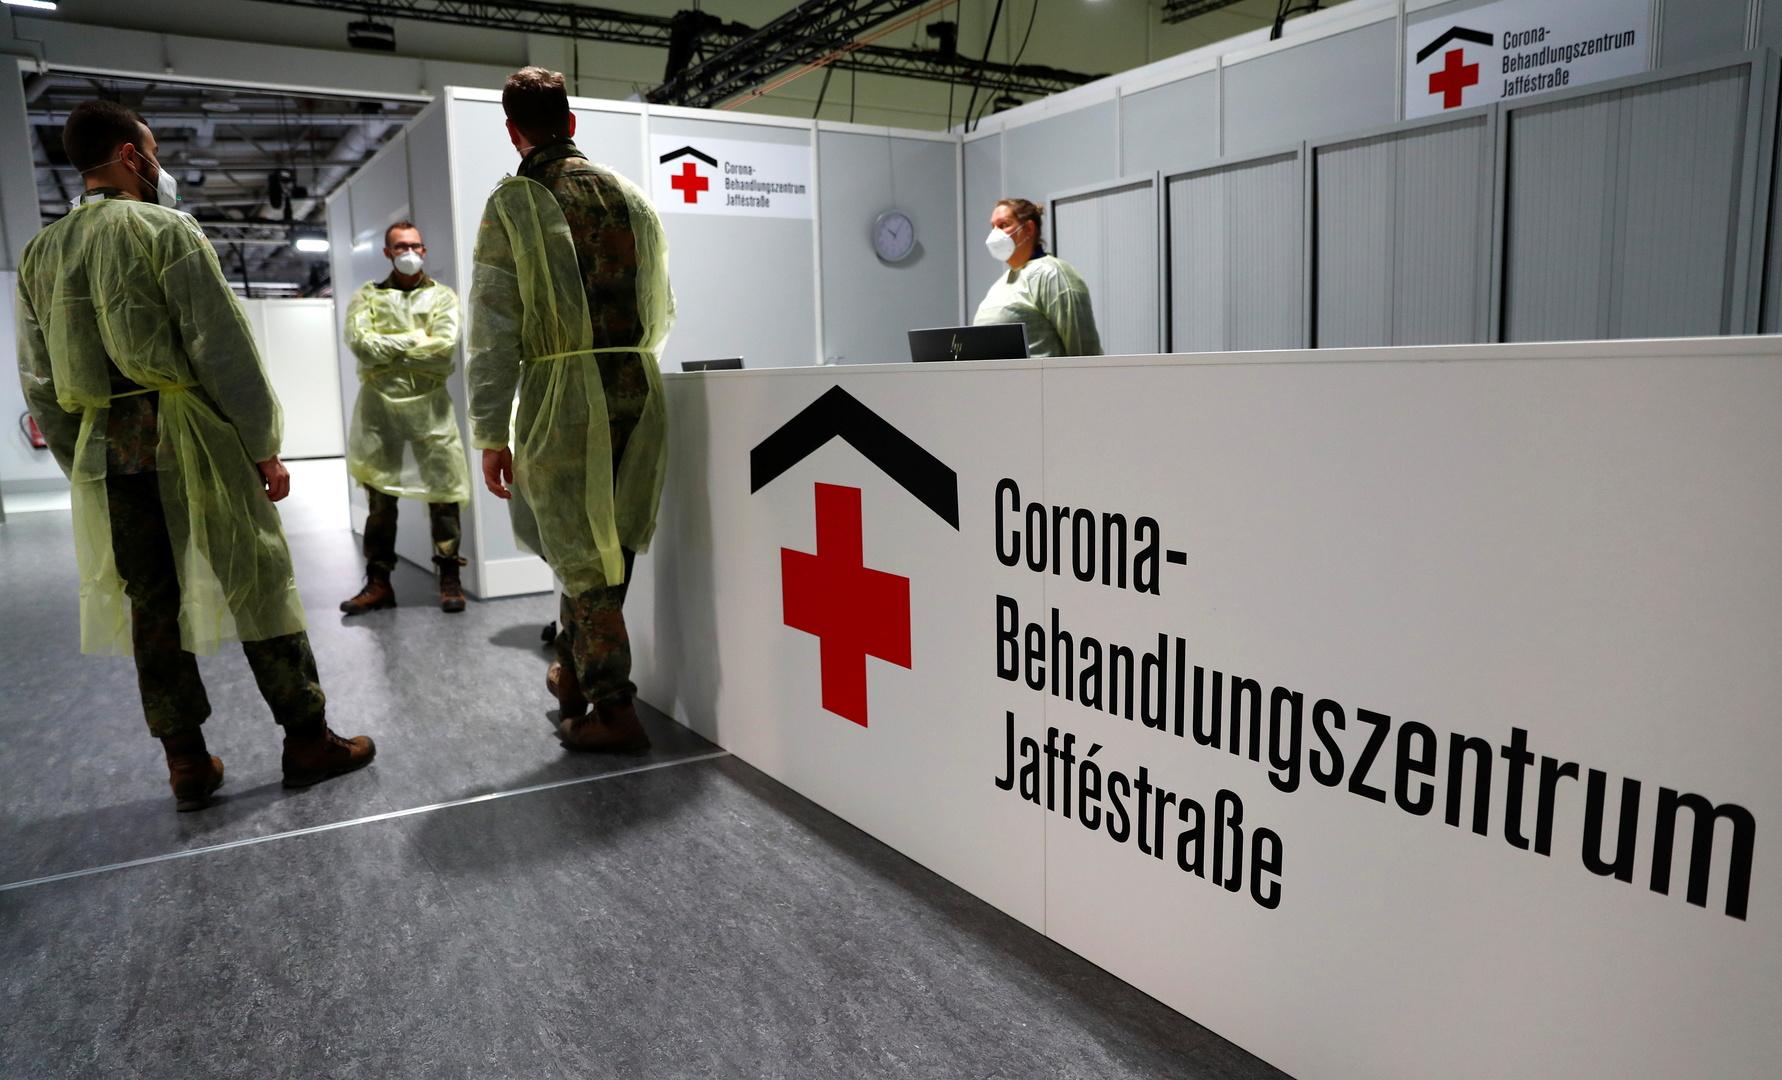 ألمانيا تتخذ إجراءات صارمة لمواجهة كورونا قبل فوات الأوان